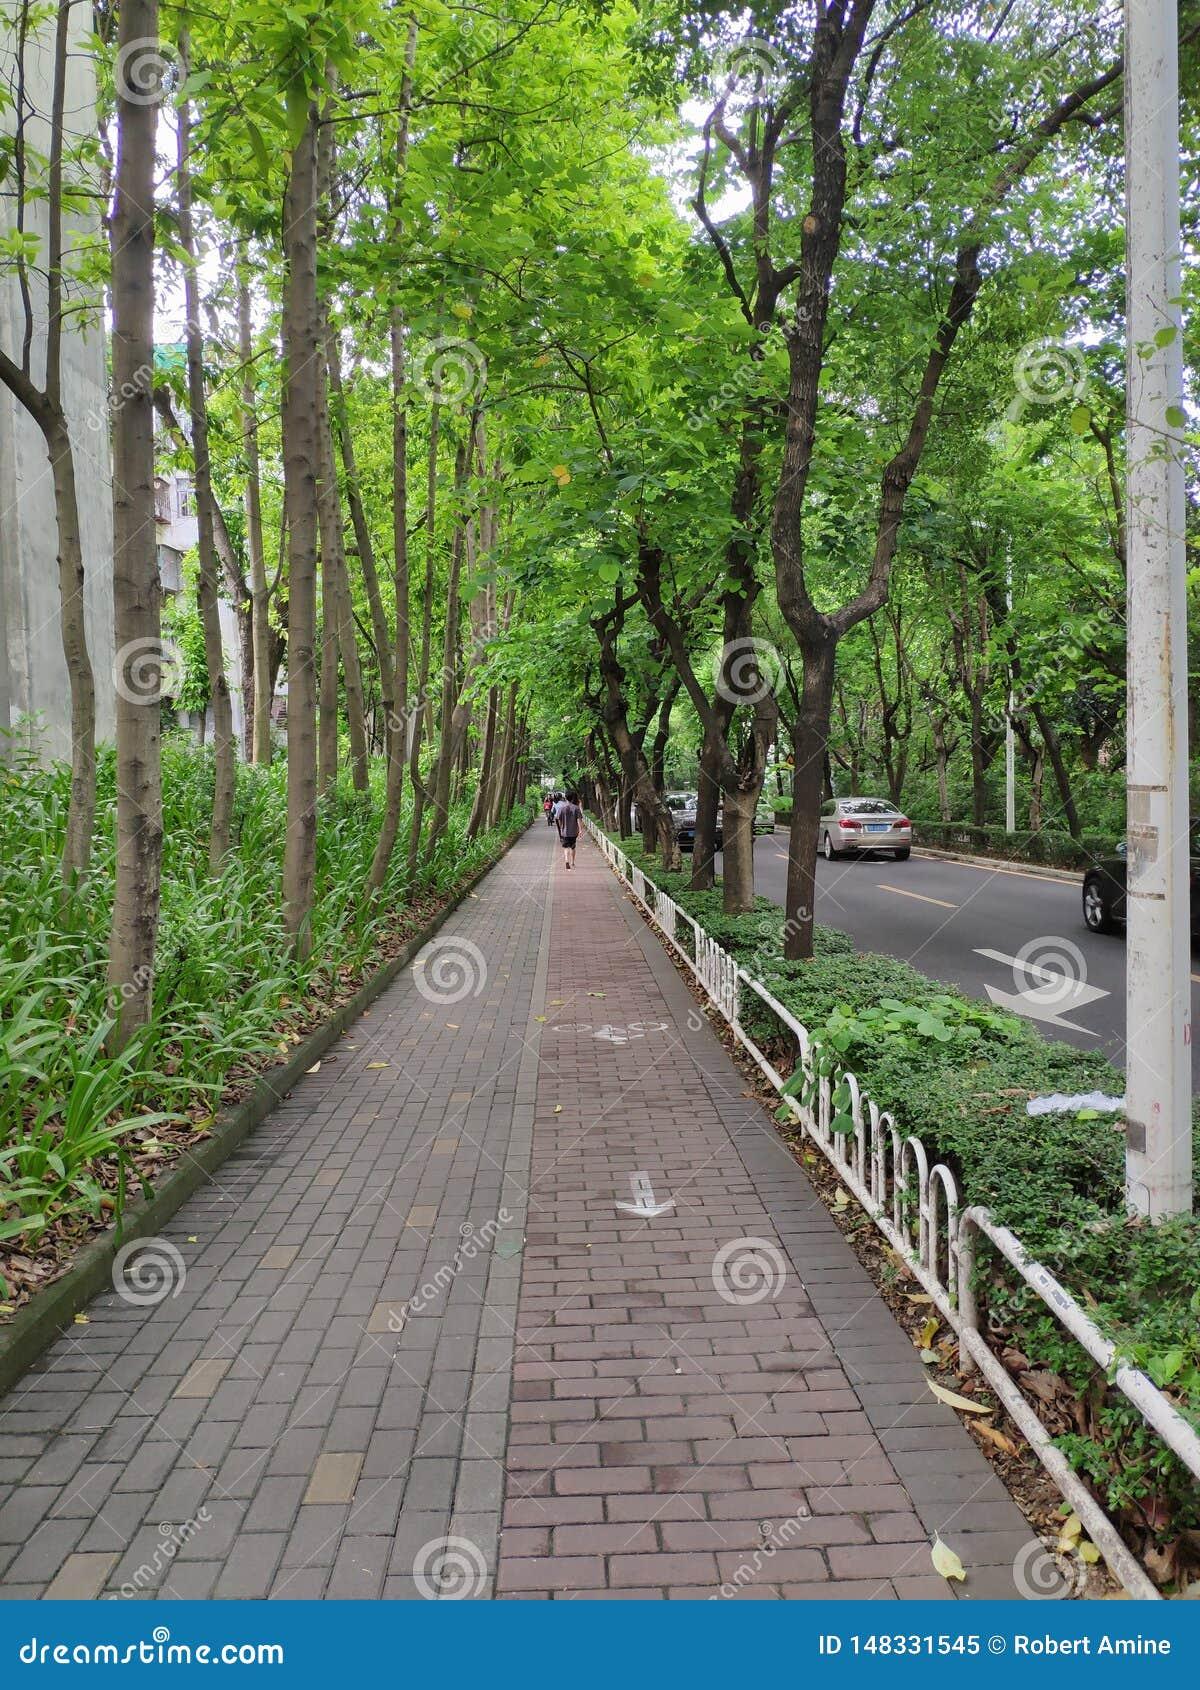 Sidewalk in OCT, Shenzhen, China